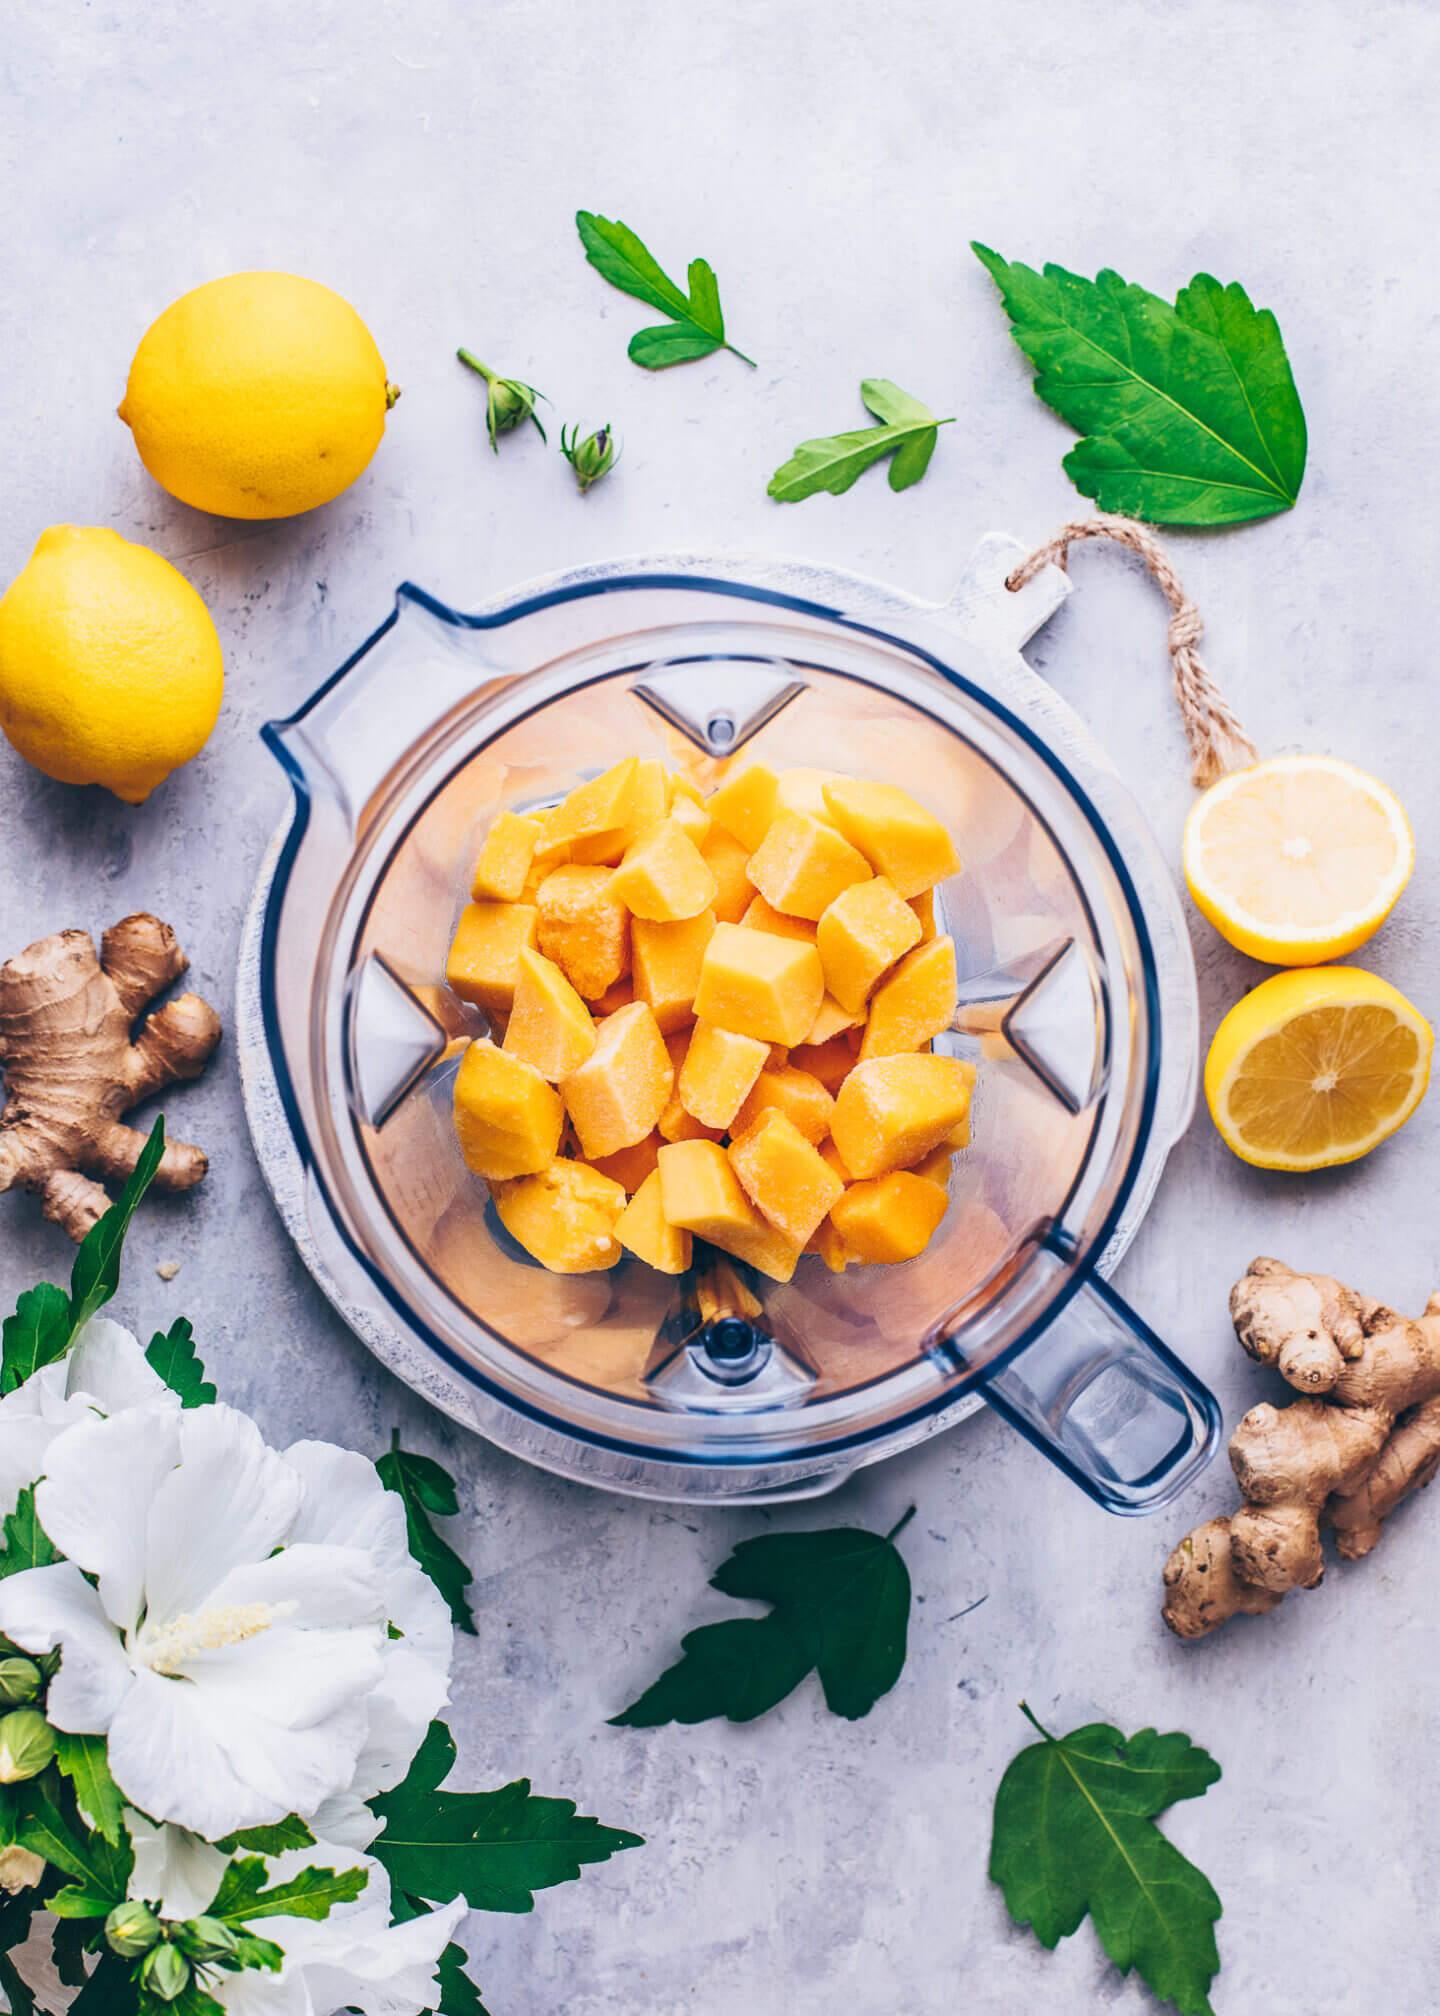 Mango chunks in a blender